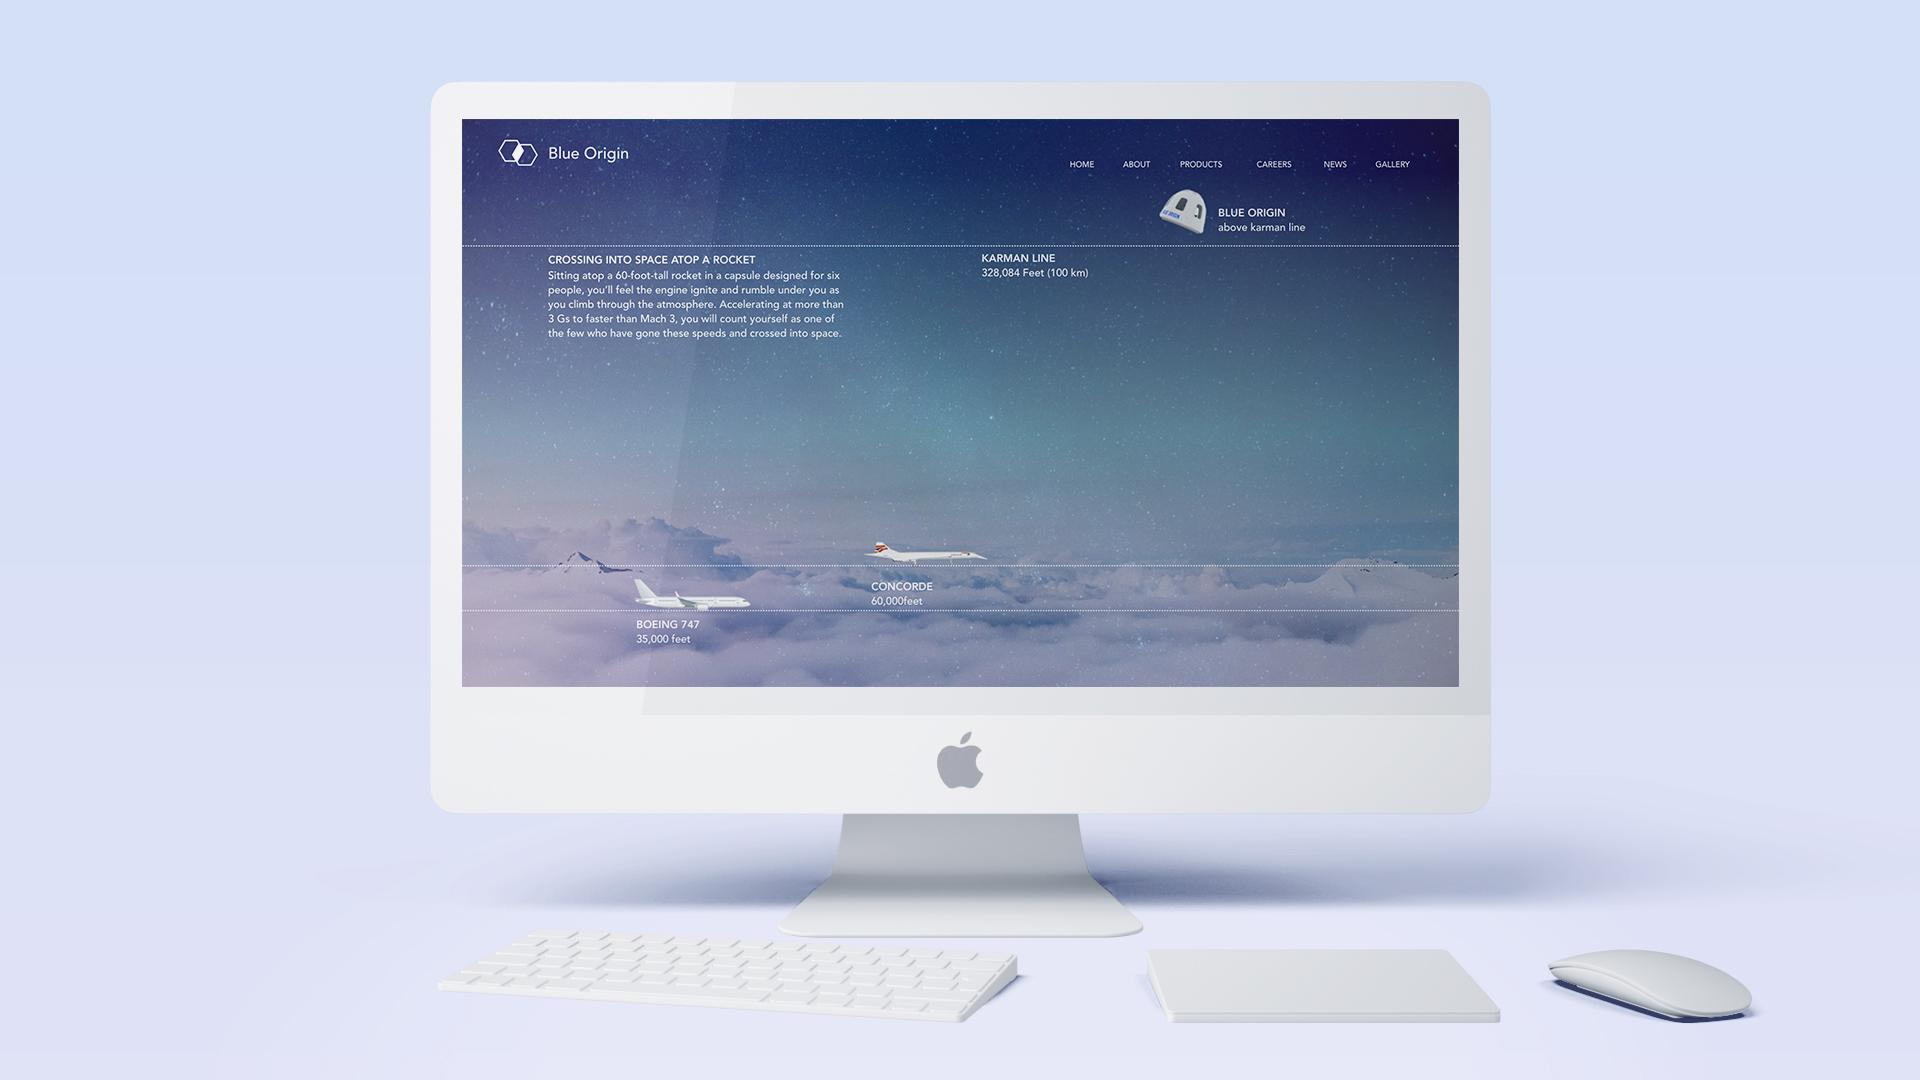 iMac cop333y2.jpg